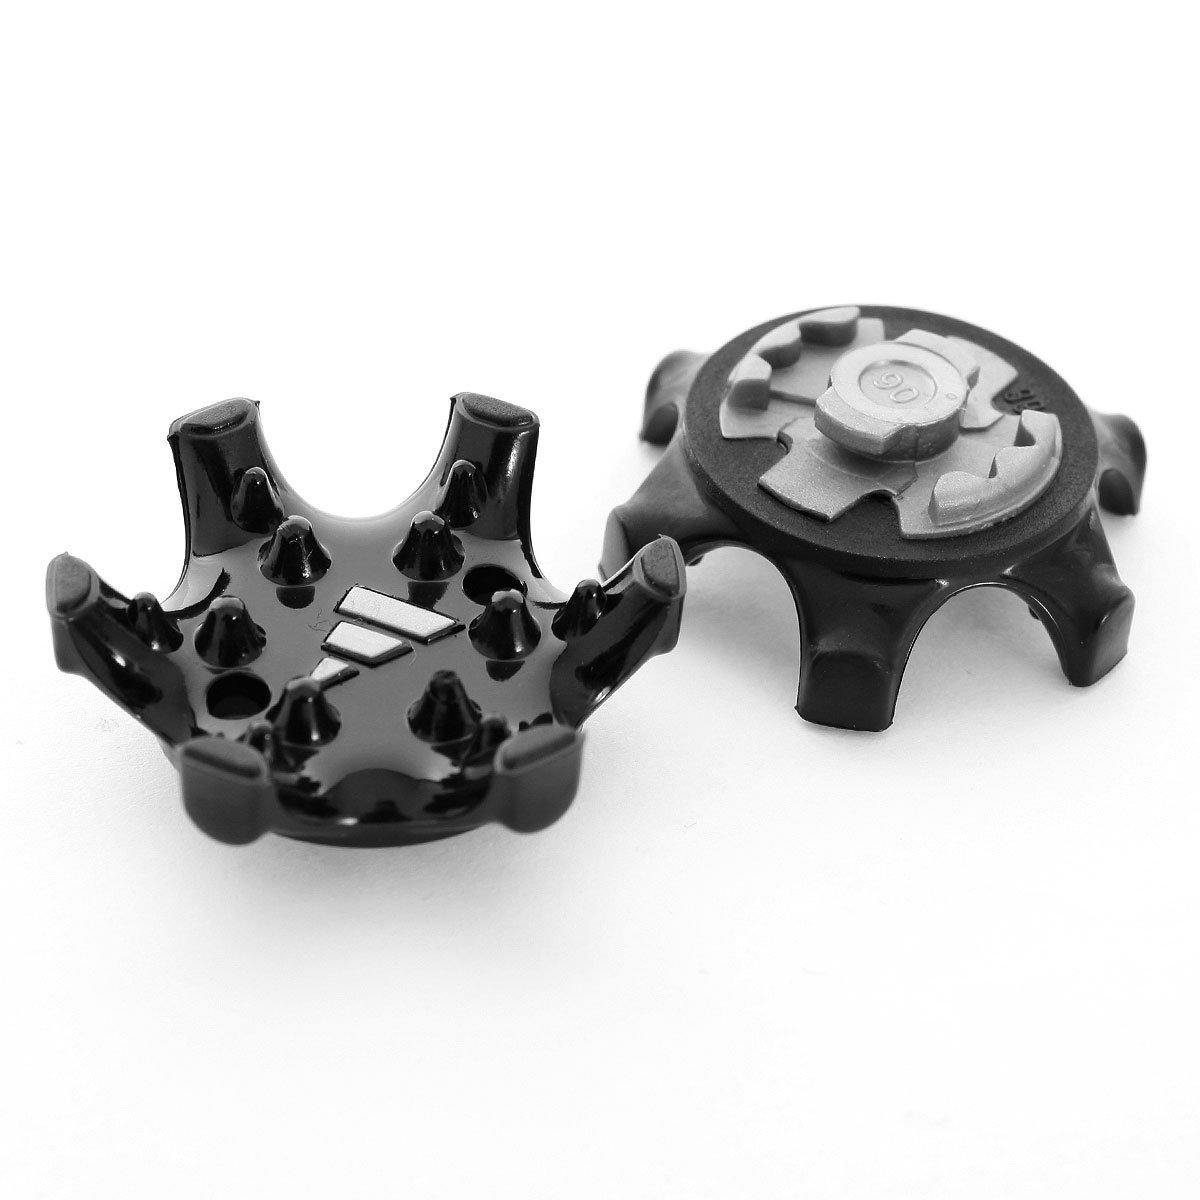 Rungao STRONGCLOUD 20 piezas Picos para zapatos de golf de fácil recambio, color negro, crean una plataforma de perfil más bajo